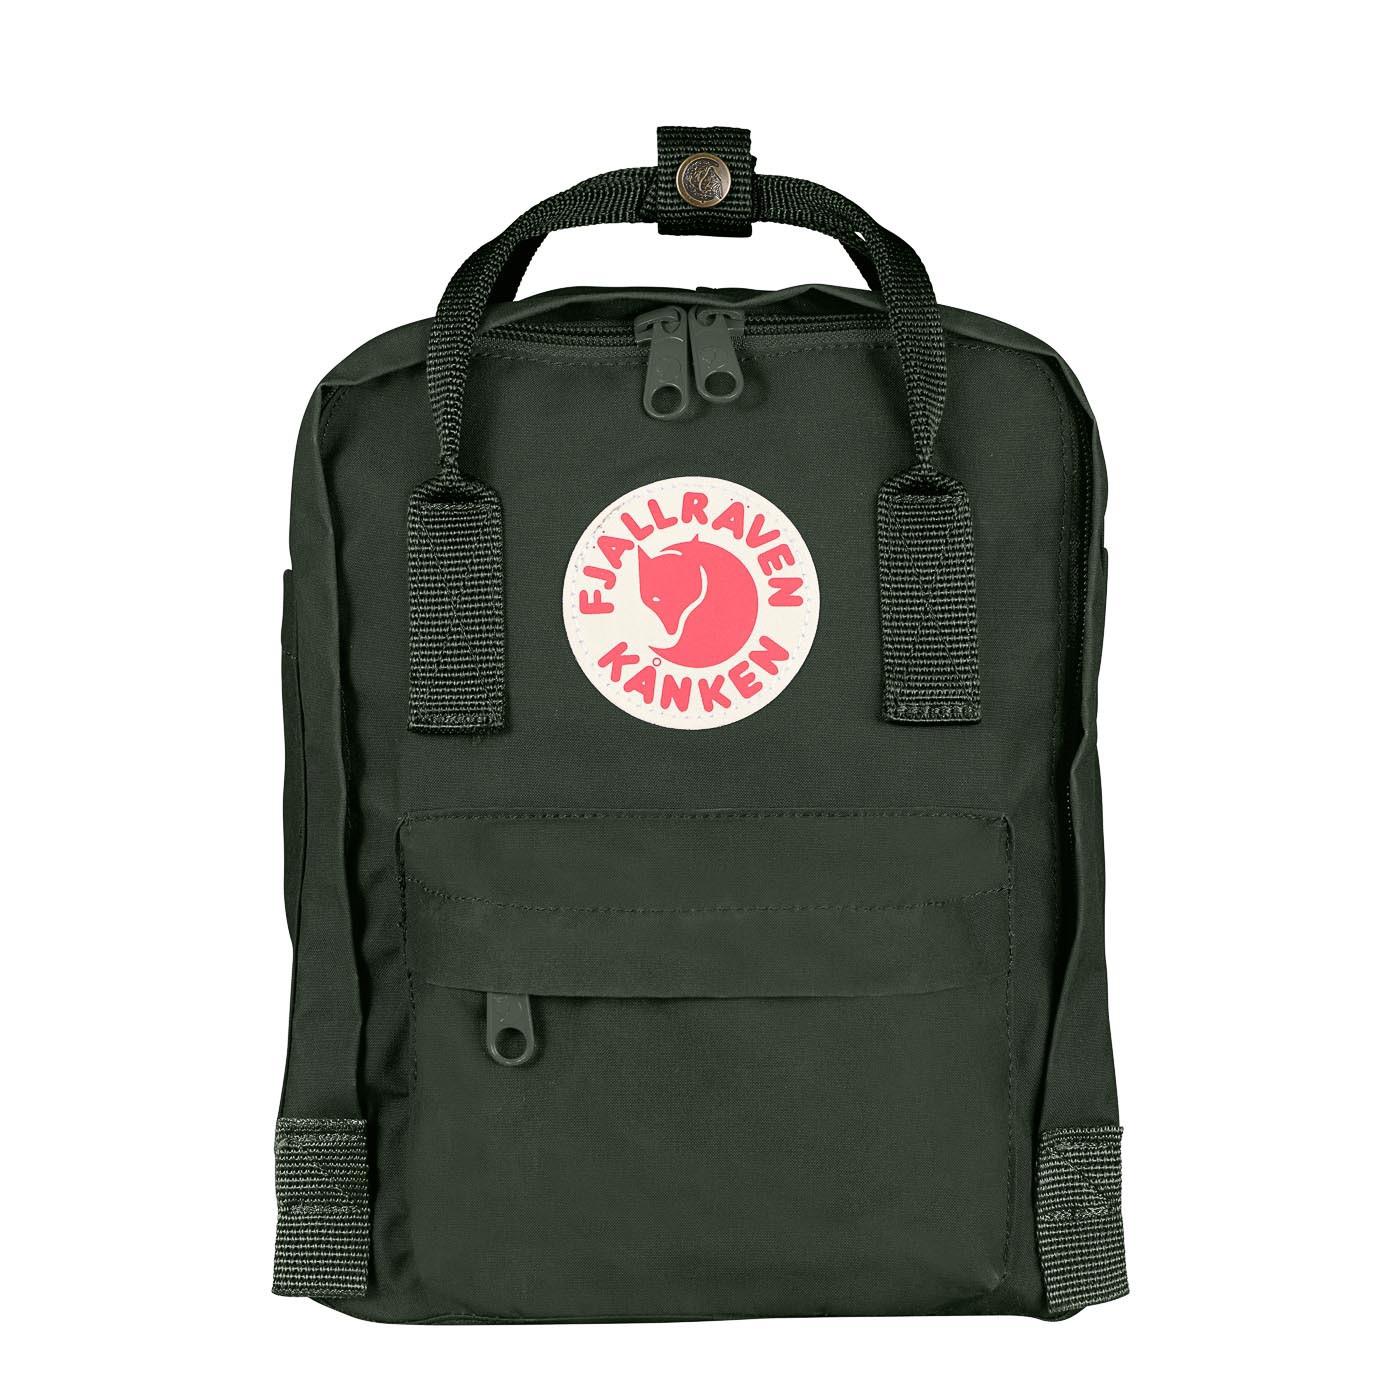 40e2ffe7f3 Fjällräven Kånken Mini Deep Forest Backpack F23561-662 - Children s Bags -  Bags